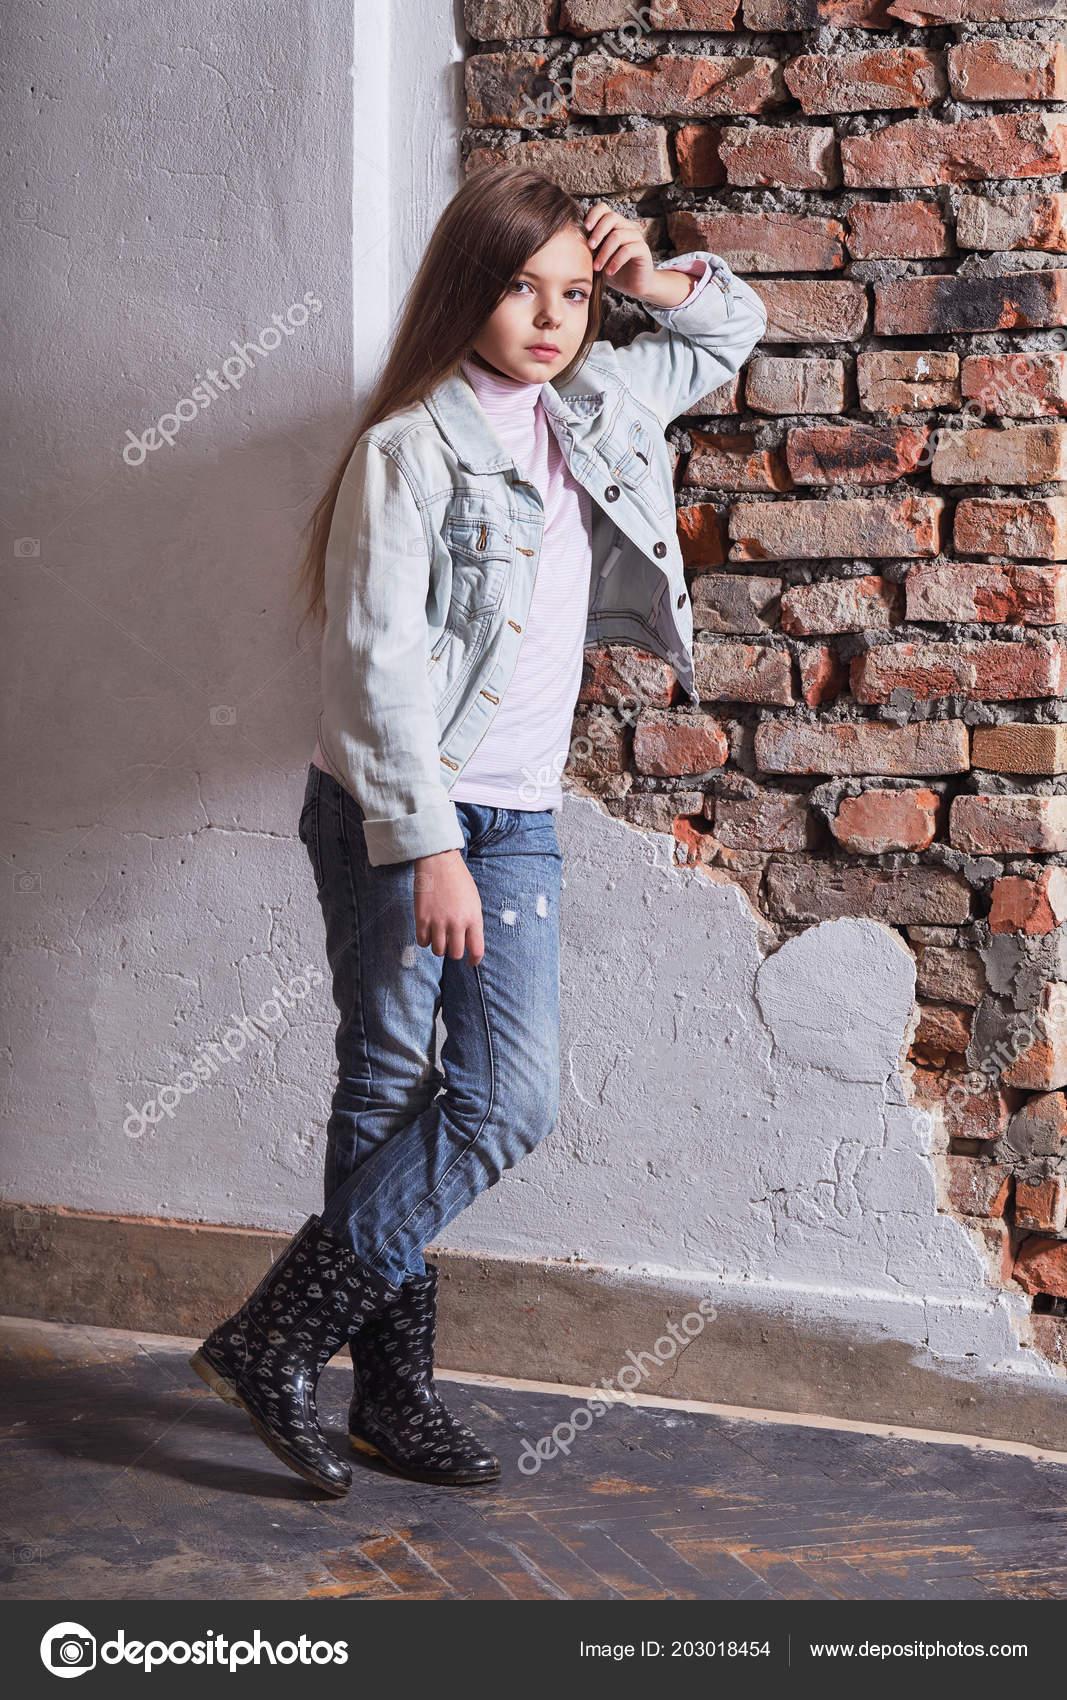 fef68619ea Parede de tijolo de inclinada de pé de menina de moda. Garoto modelo  elegante. Criança caucasiana em casuais roupas elegantes